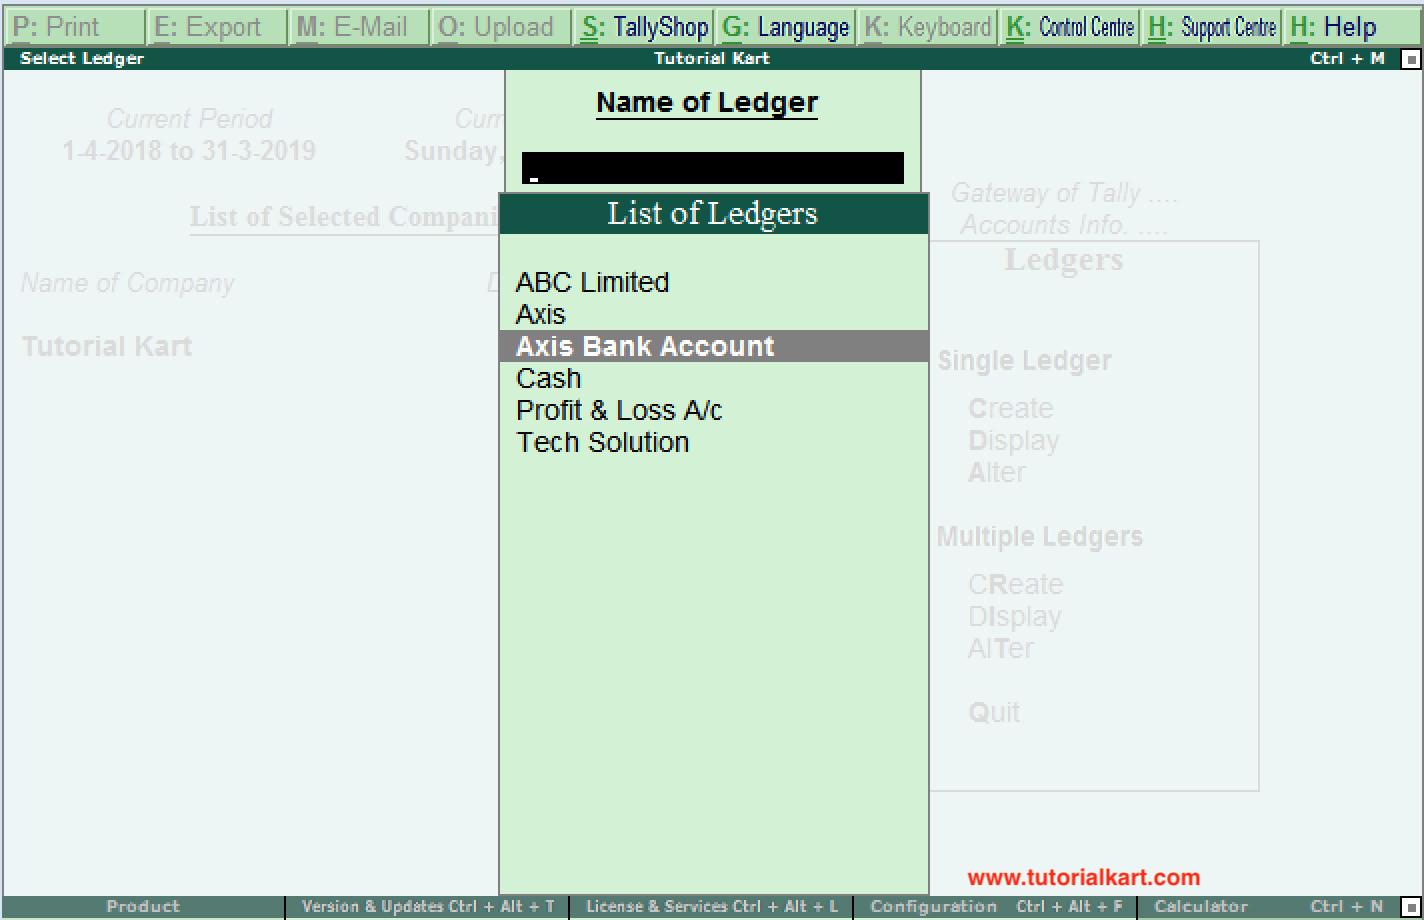 List of Ledgers